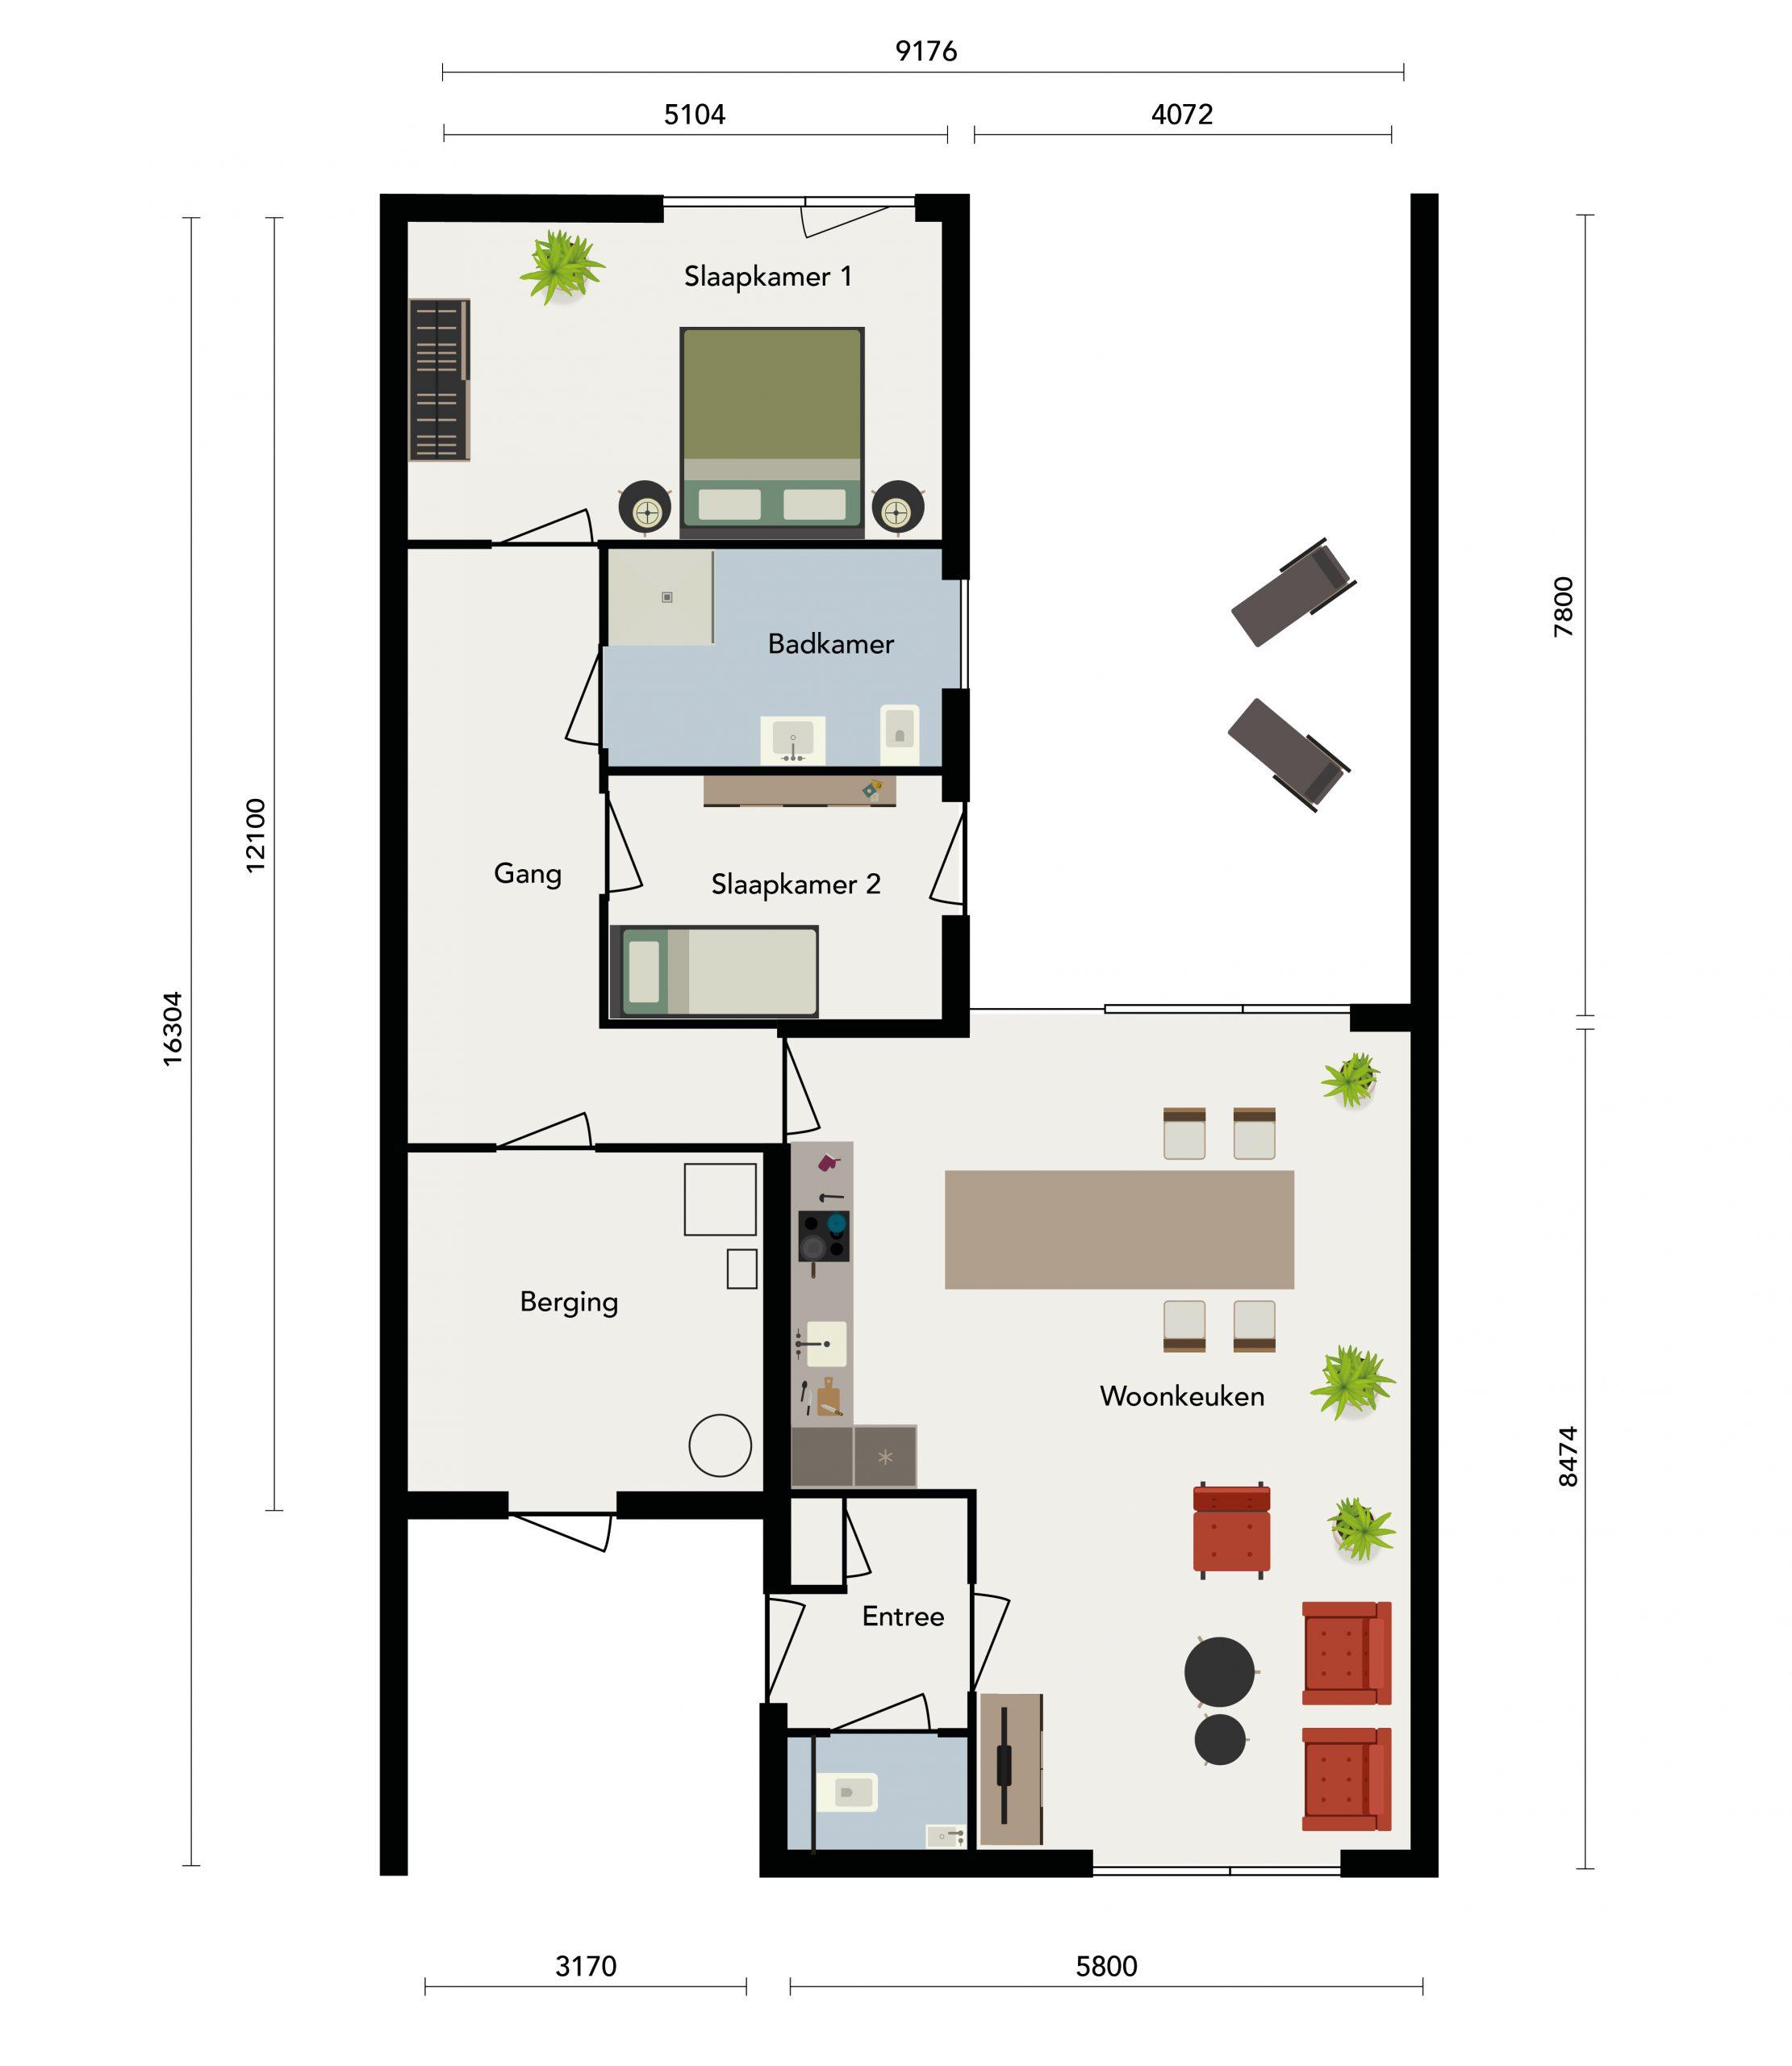 Bungalette, plattegrond met zeer praktische indeling: optimaal nut van iedere ruimte!